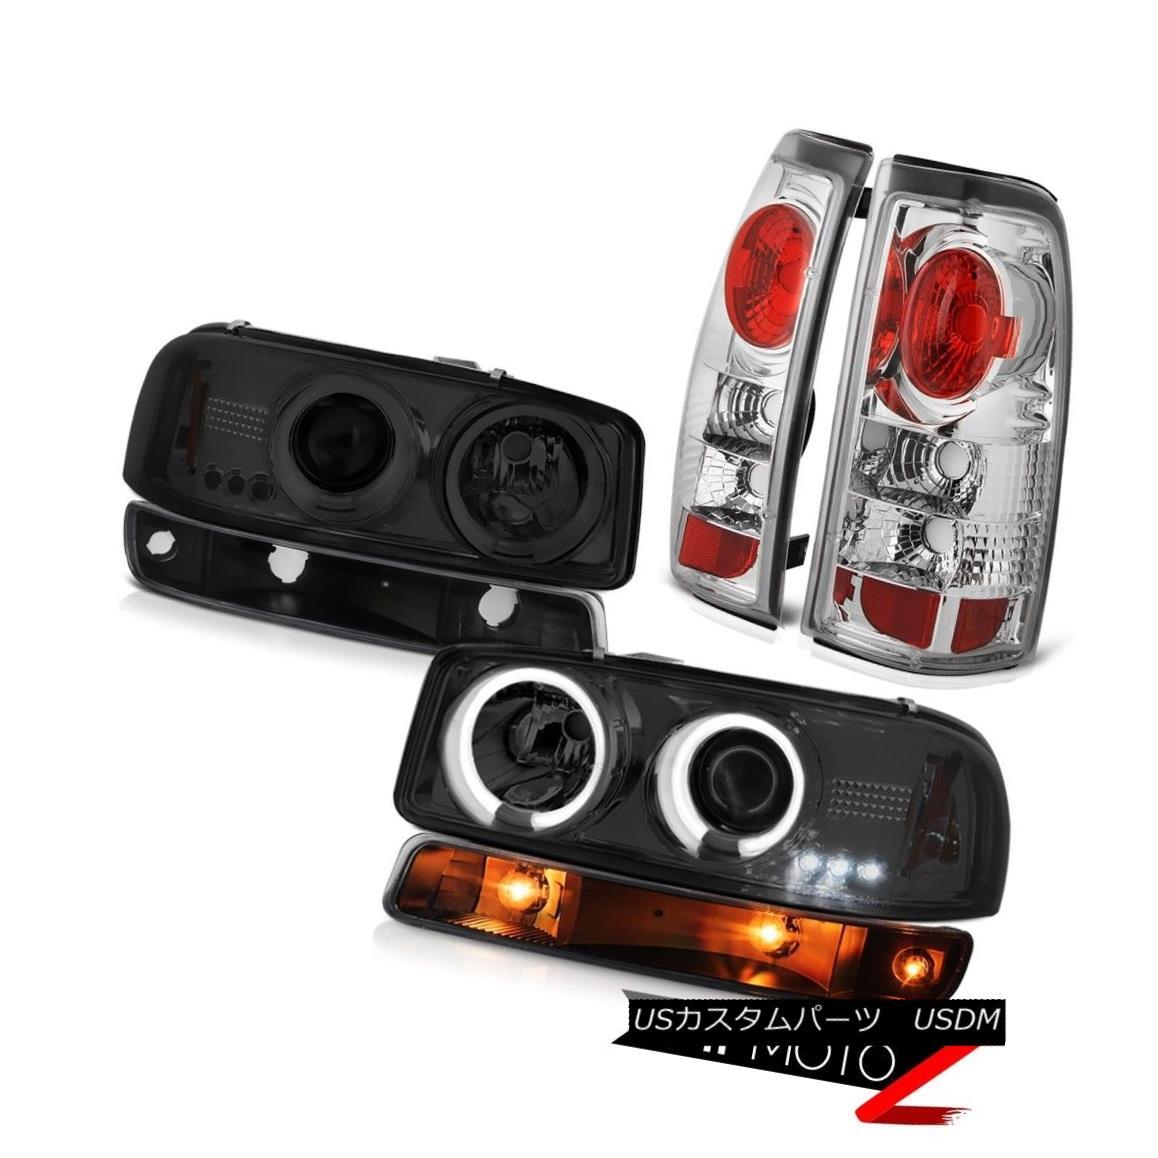 ヘッドライト 1999-2002 Sierra 6.6L Tail lights matte black signal lamp smoked ccfl headlamps 1999-2002 Sierra 6.6Lテールライトマットブラックシグナルランプスモークccflヘッドライト